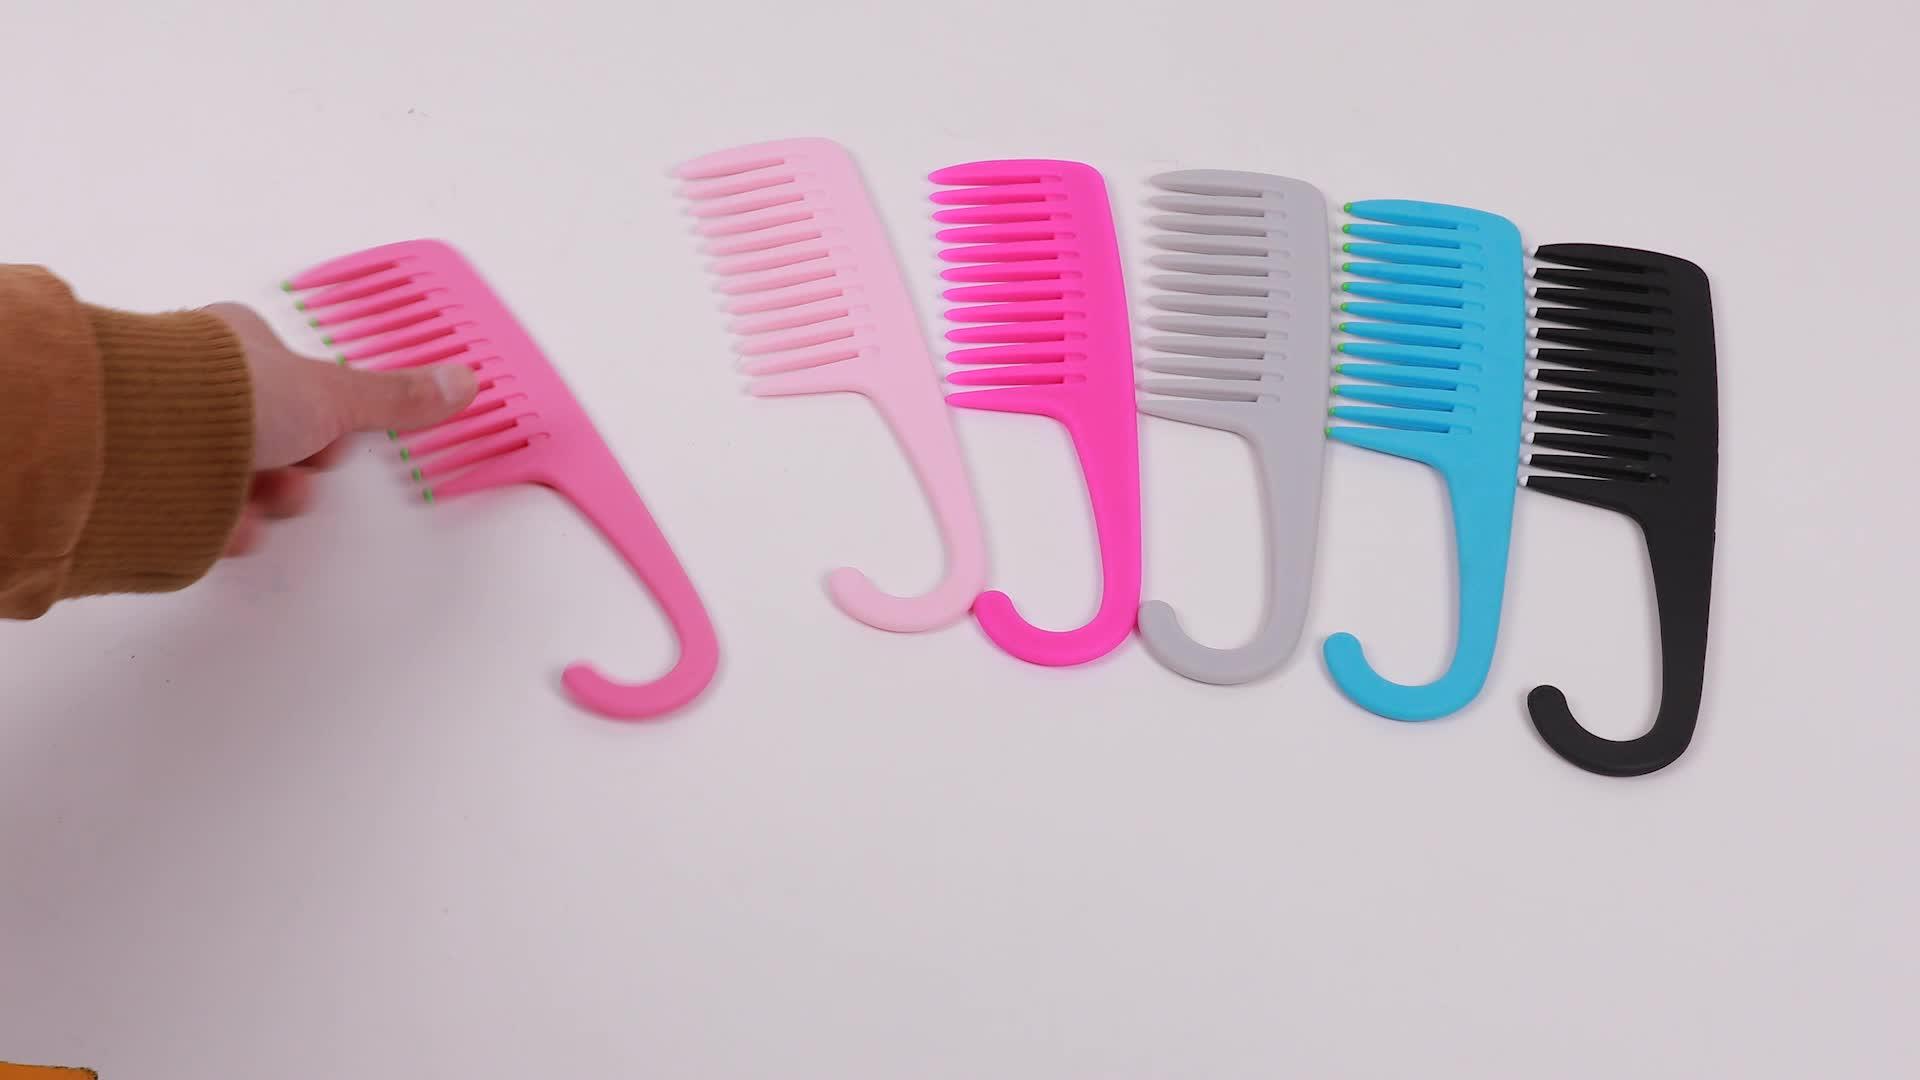 מכירה לוהטת פלסטיק רחב שן שיער מסרק אמבט מקלחת שיער מסרק עם וו לתליית מסרק שיער מברשת